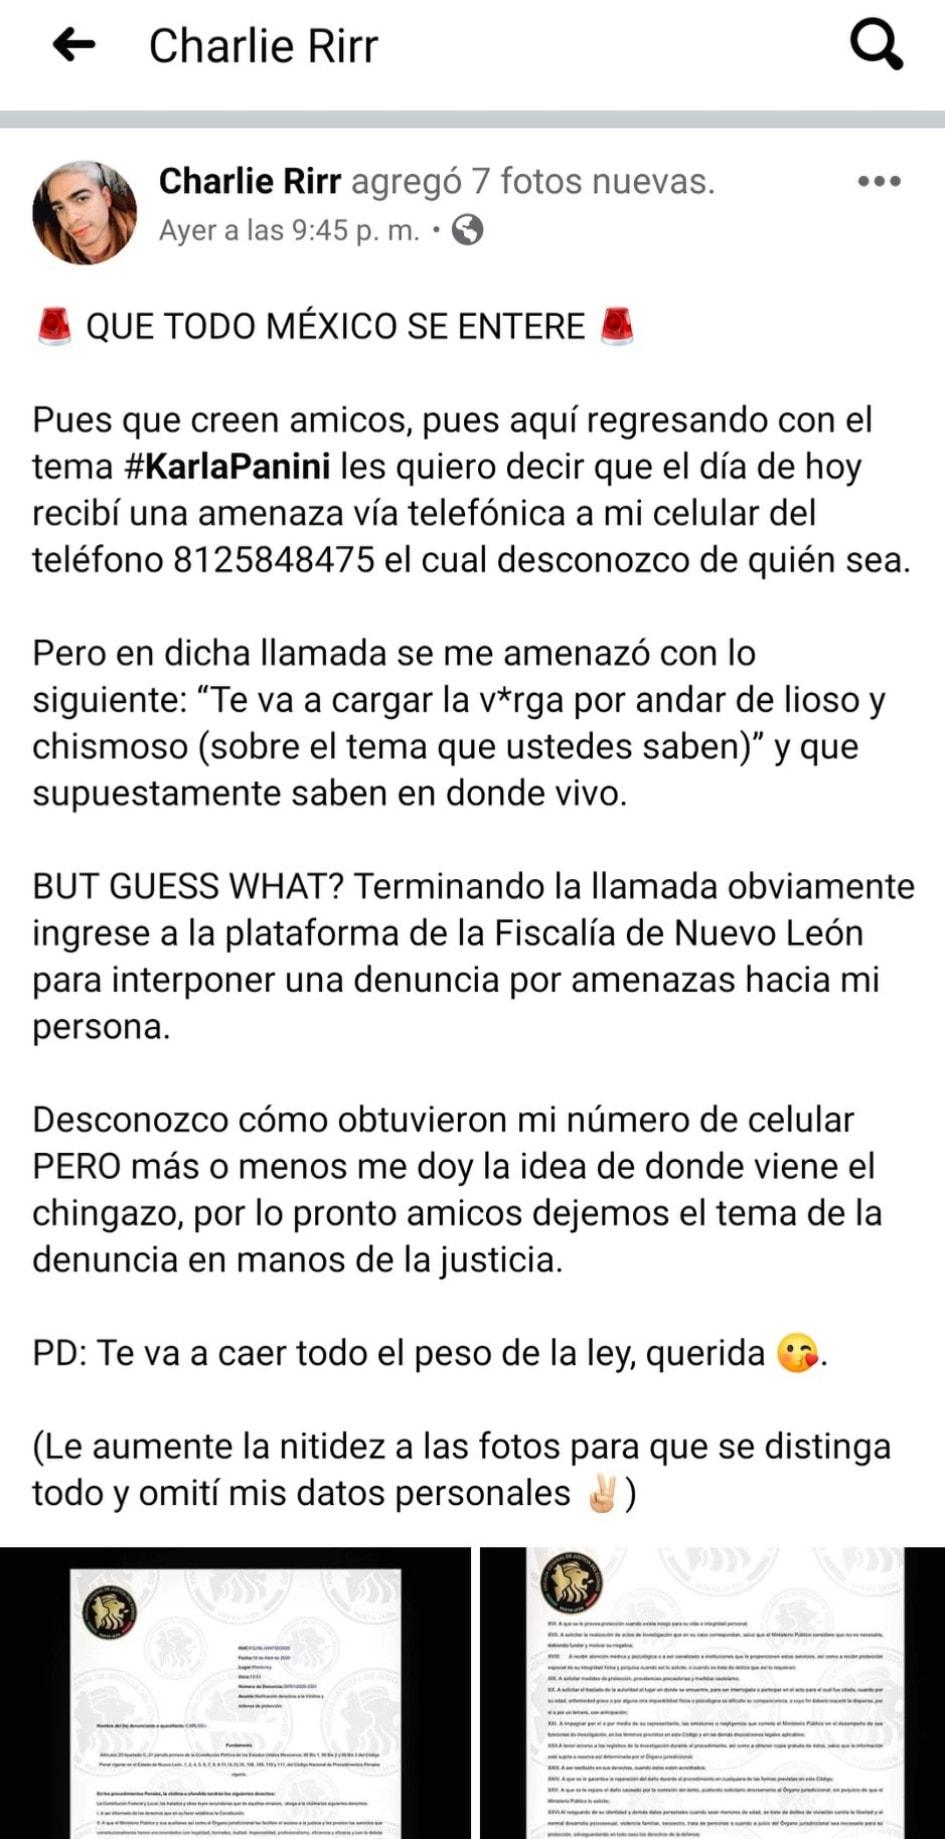 """Y en """"Fíjate Paty"""": El chisme sobre las supuestas amenazas de Karla Panini a Piñatería Ramirez"""